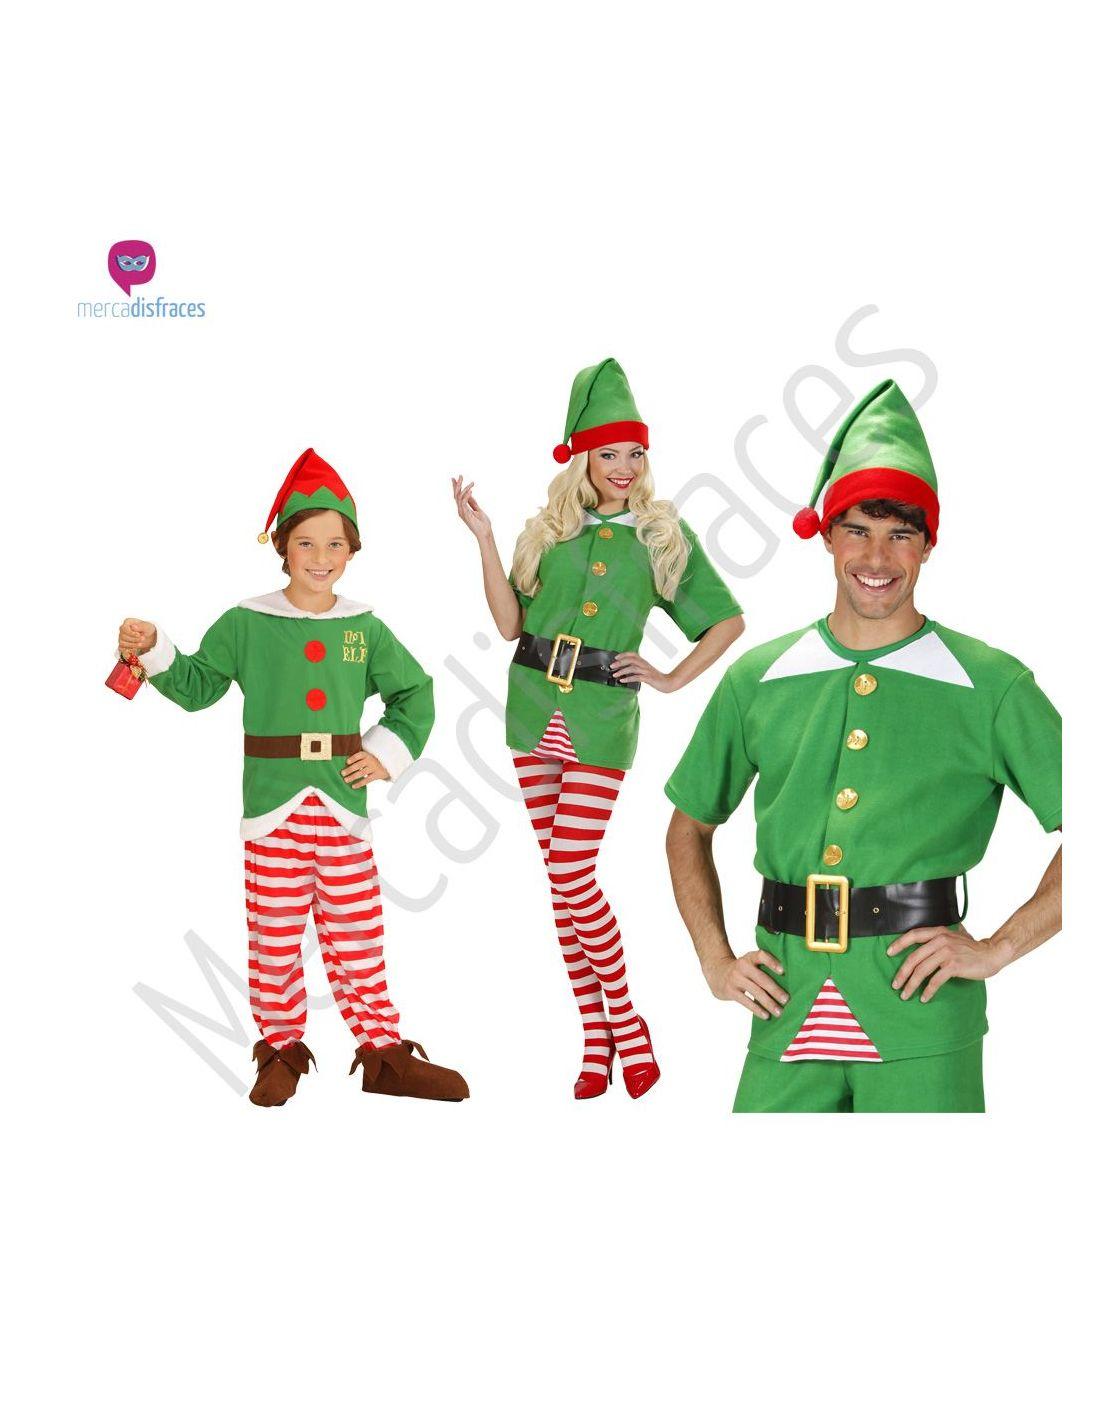 Disfraces grupos elfos o duende navide os ideas para - Disfraces navidenos para ninas ...